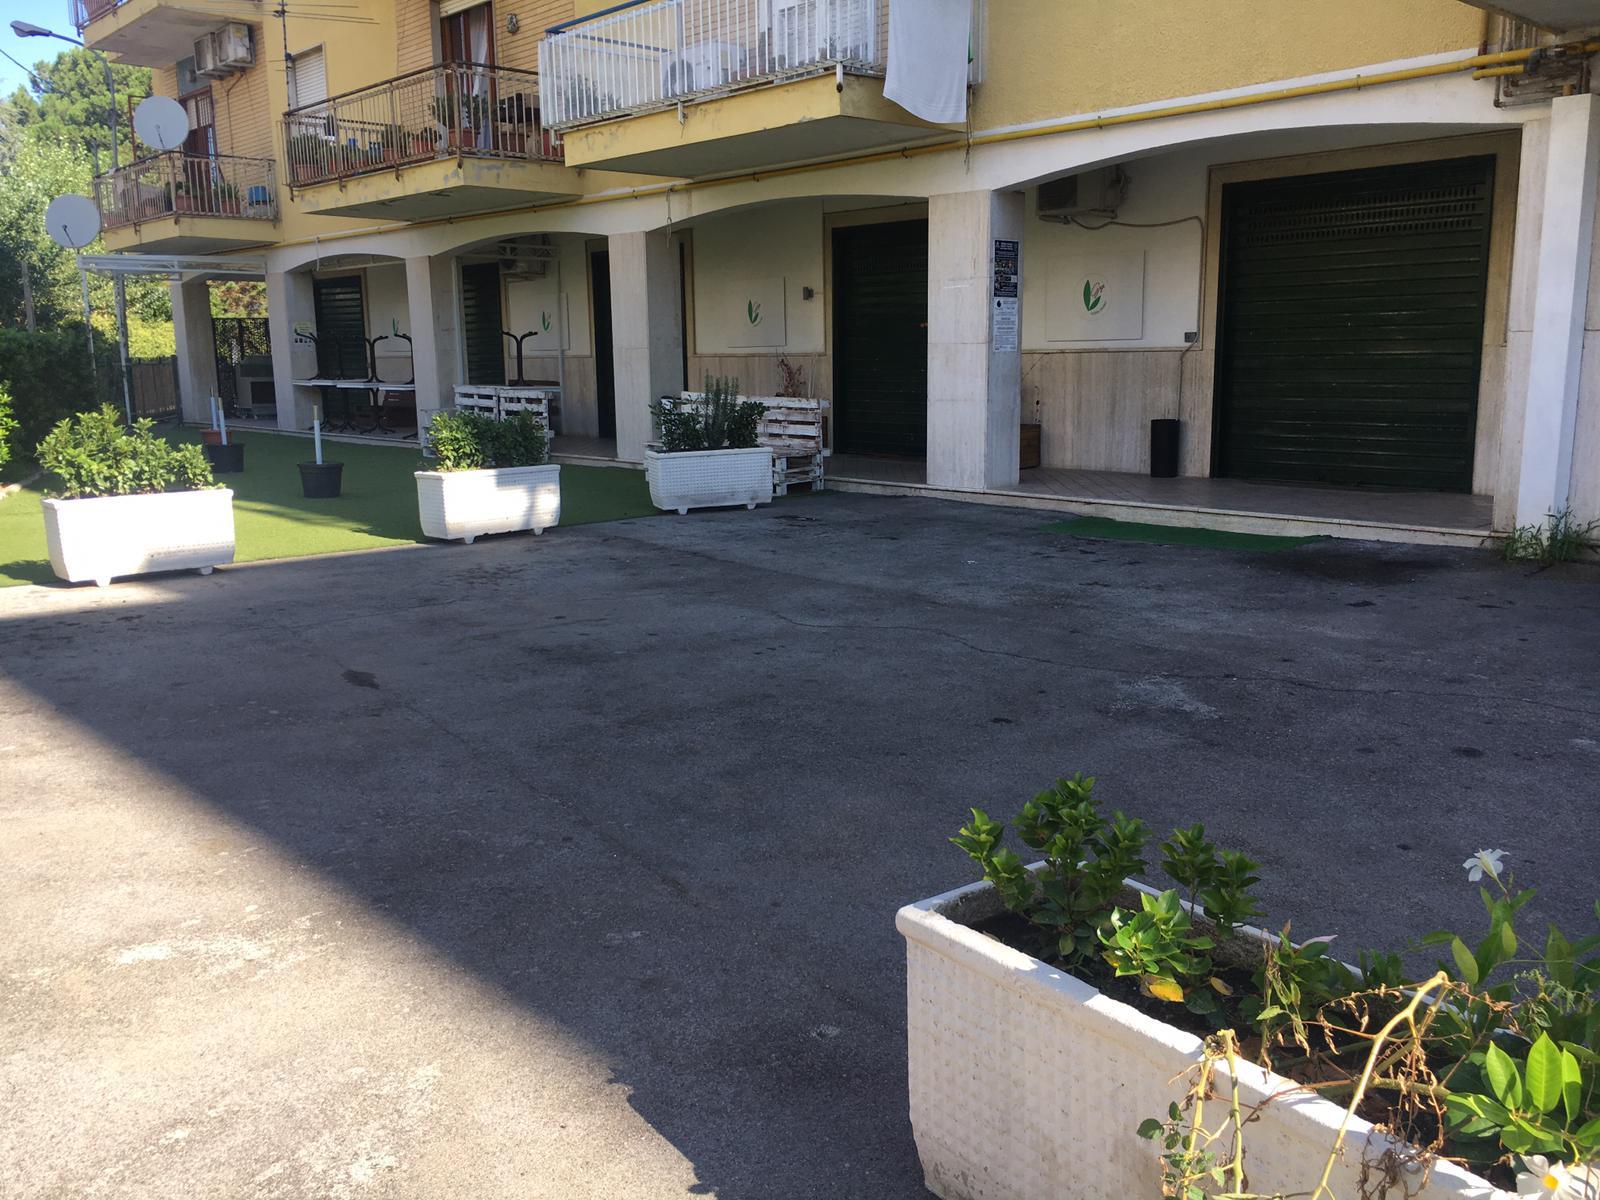 Negozio / Locale in vendita a Ottaviano, 9999 locali, prezzo € 180.000 | CambioCasa.it